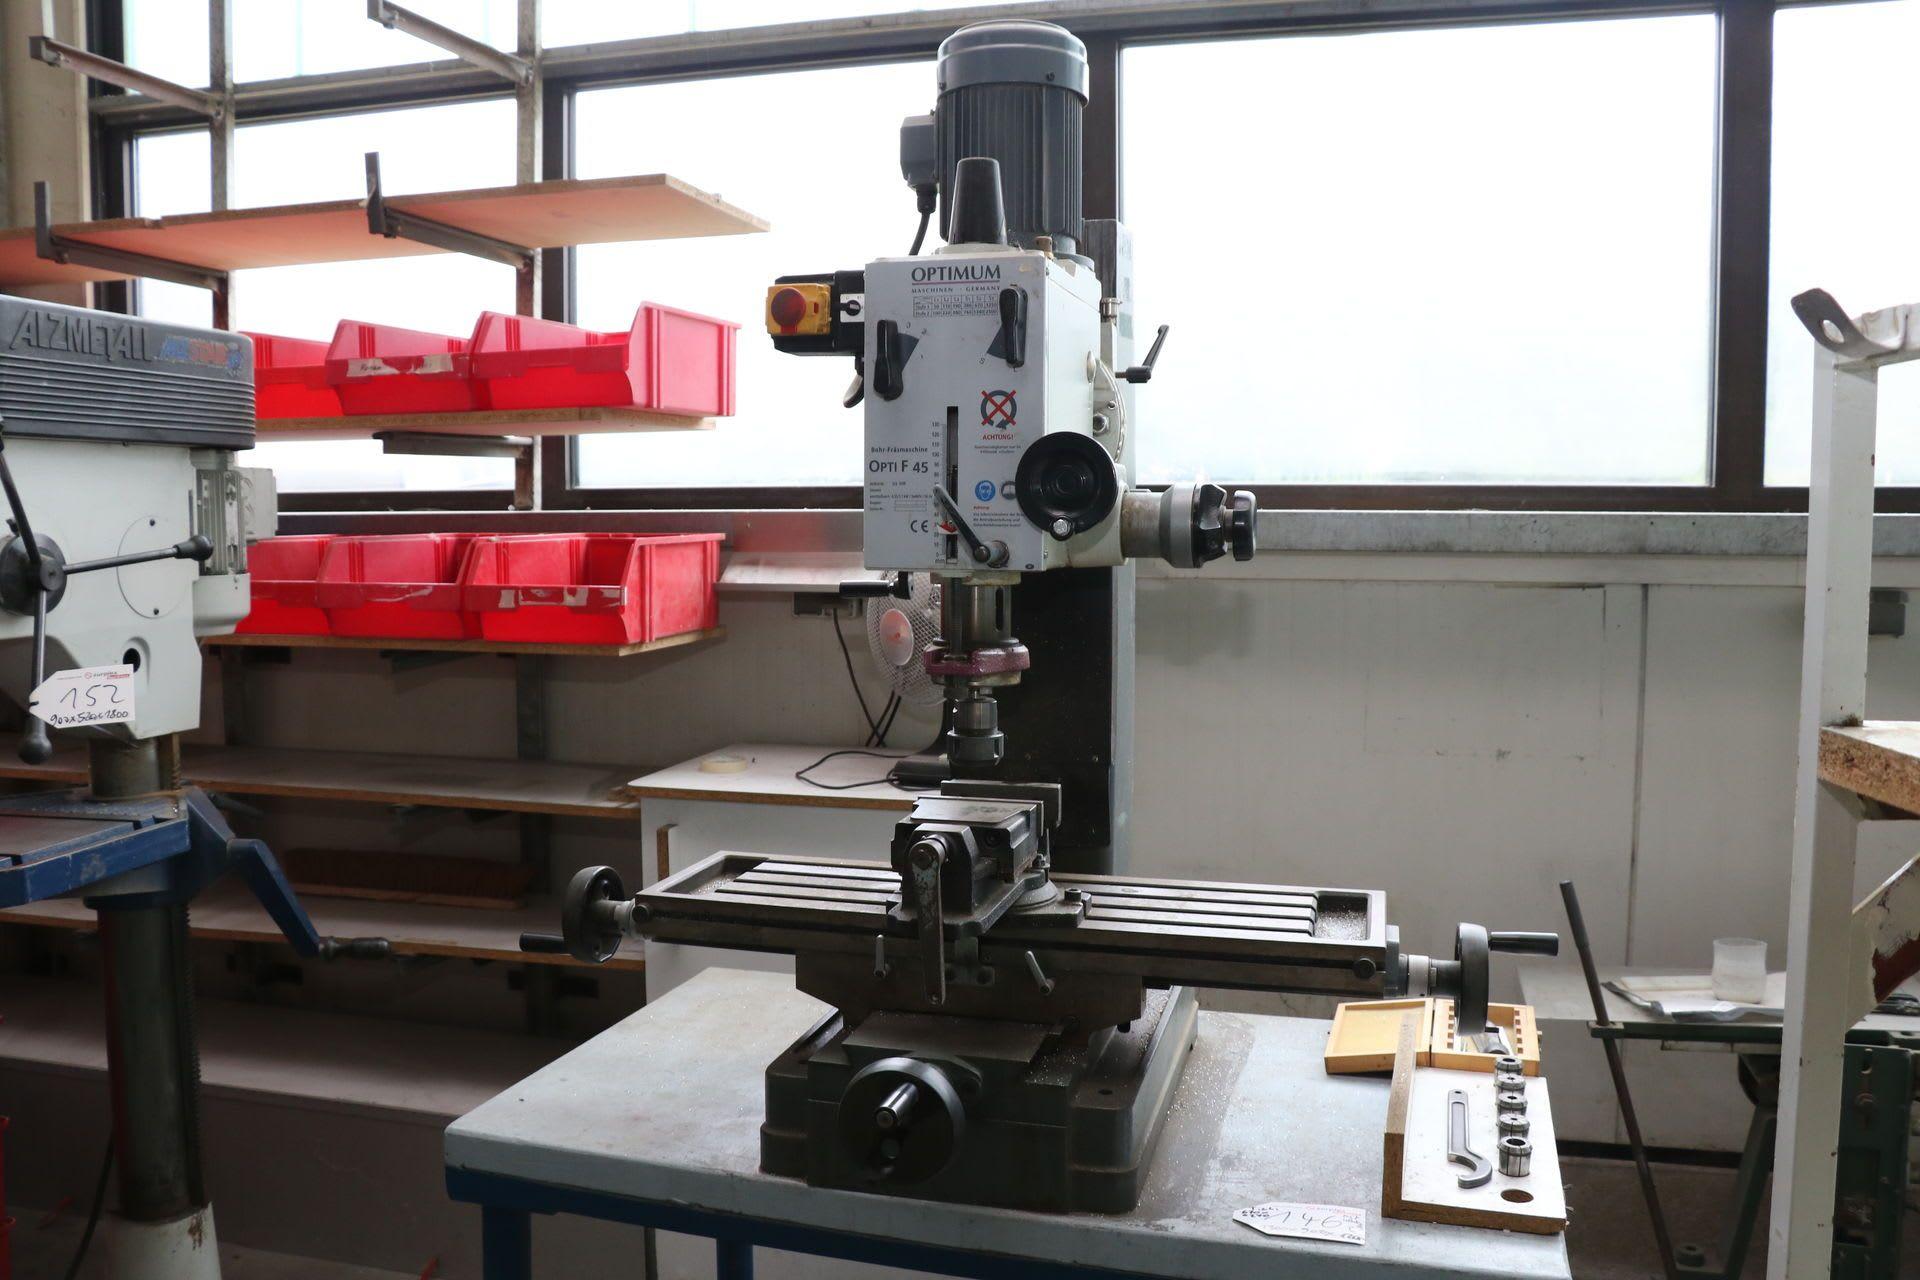 OPTIMUM OPTI F 45 Bohr- ve Fräsmaschine